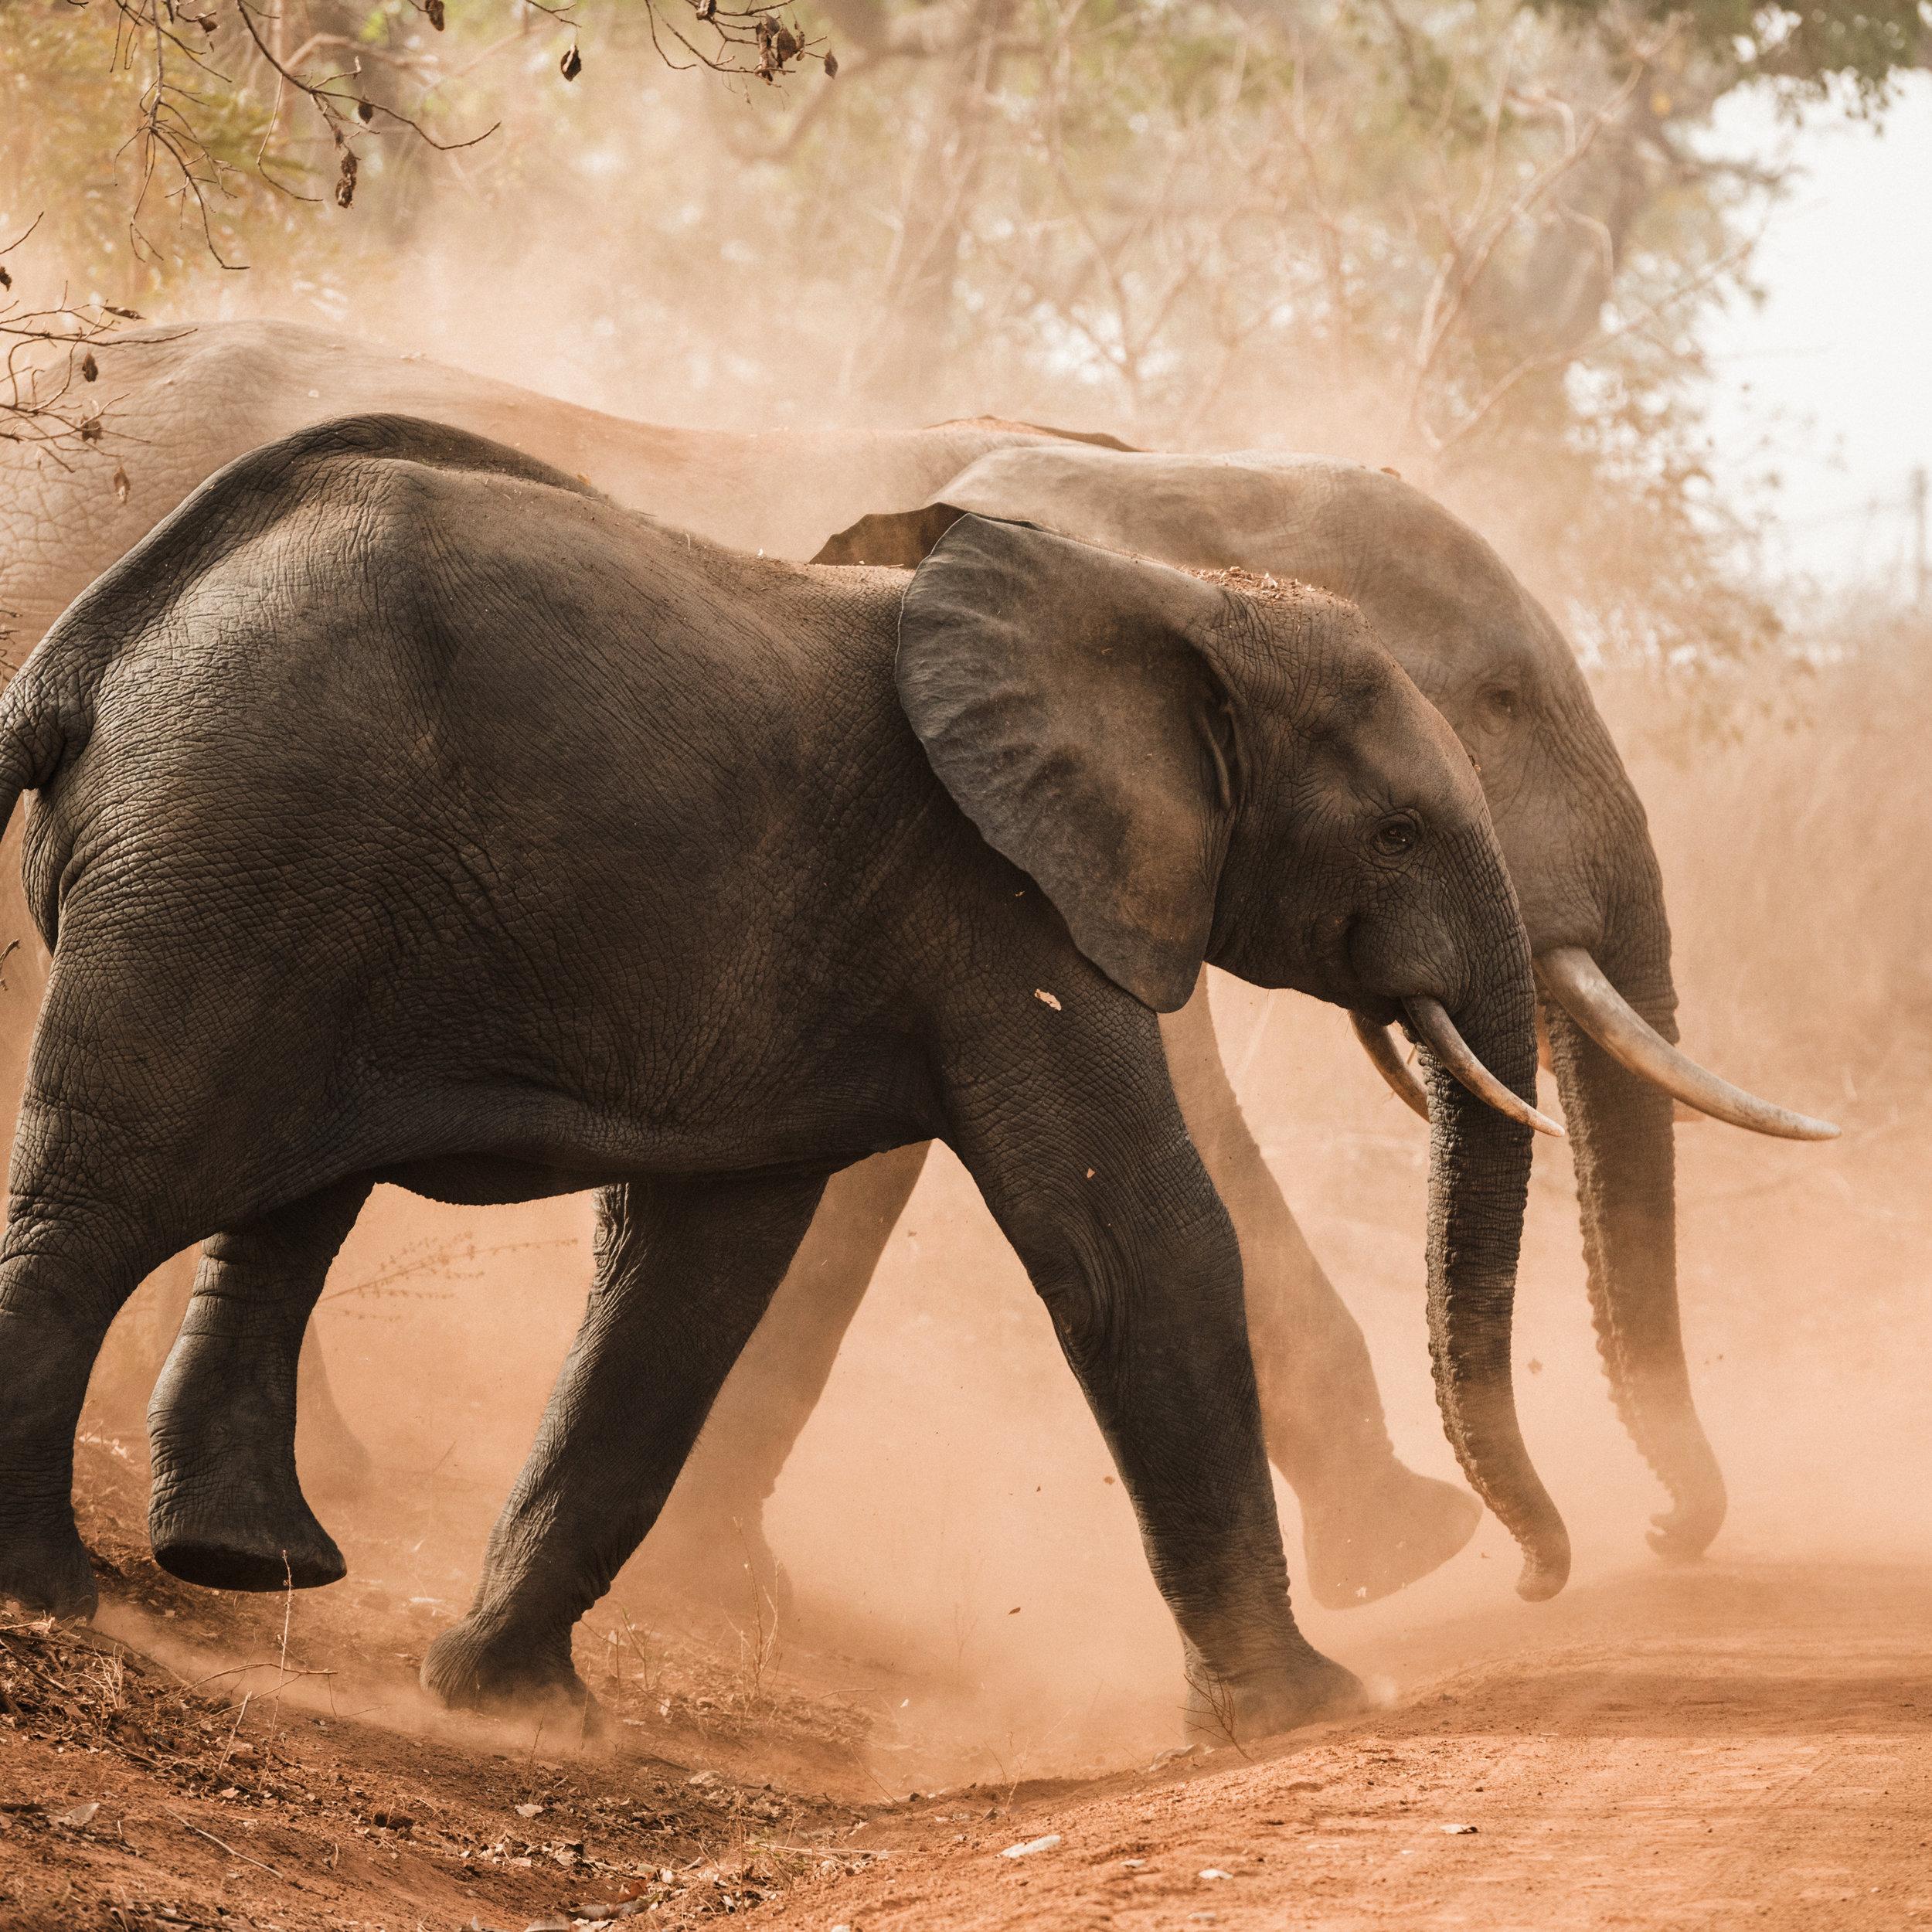 Ghana_African_Humanitarian_Photographer_TaraShupe_Safari_012.jpg